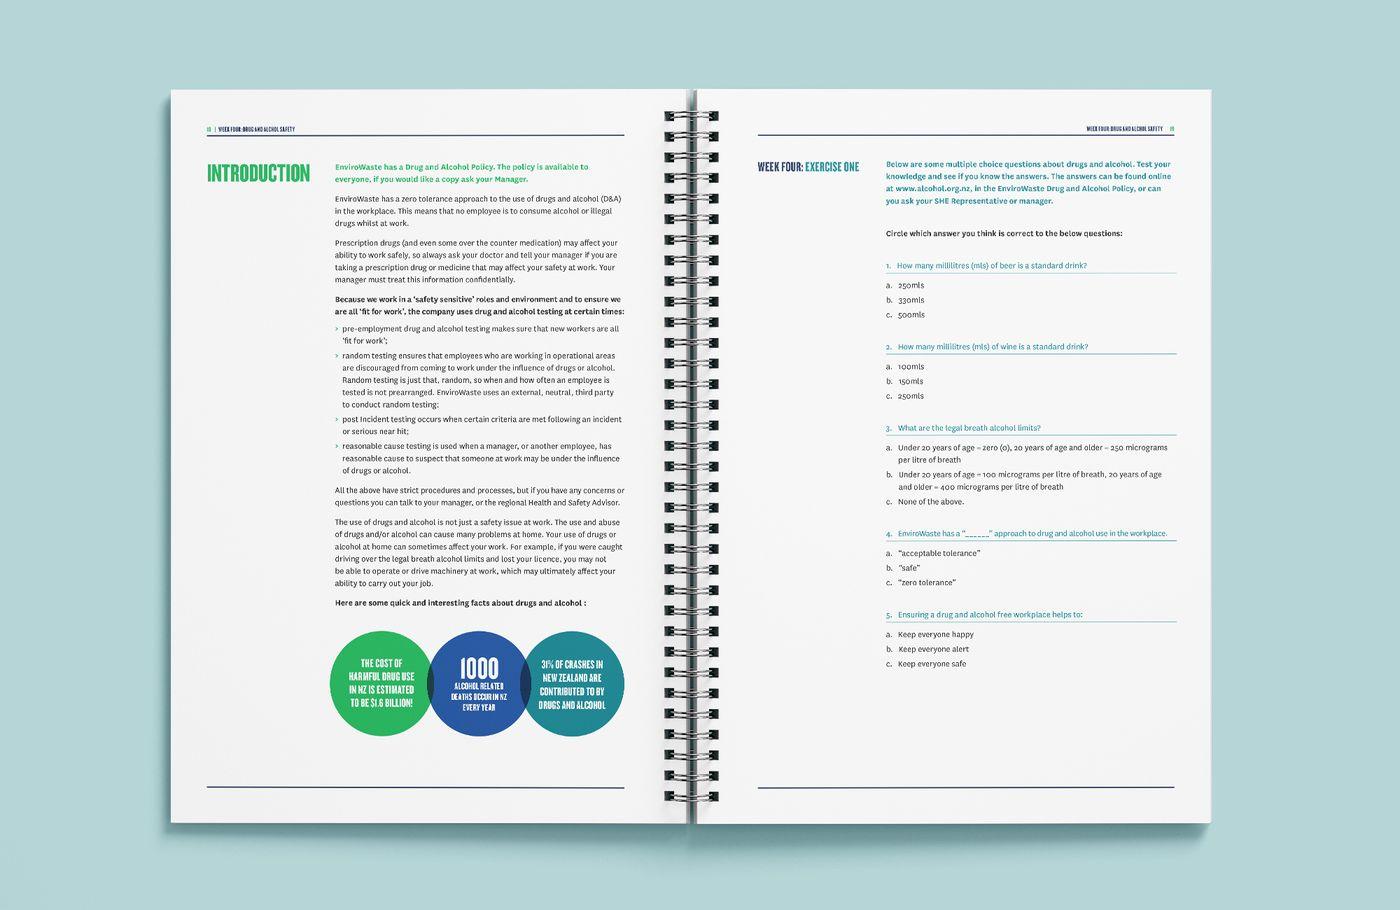 EnviroWaste Saftey Work Book Intro